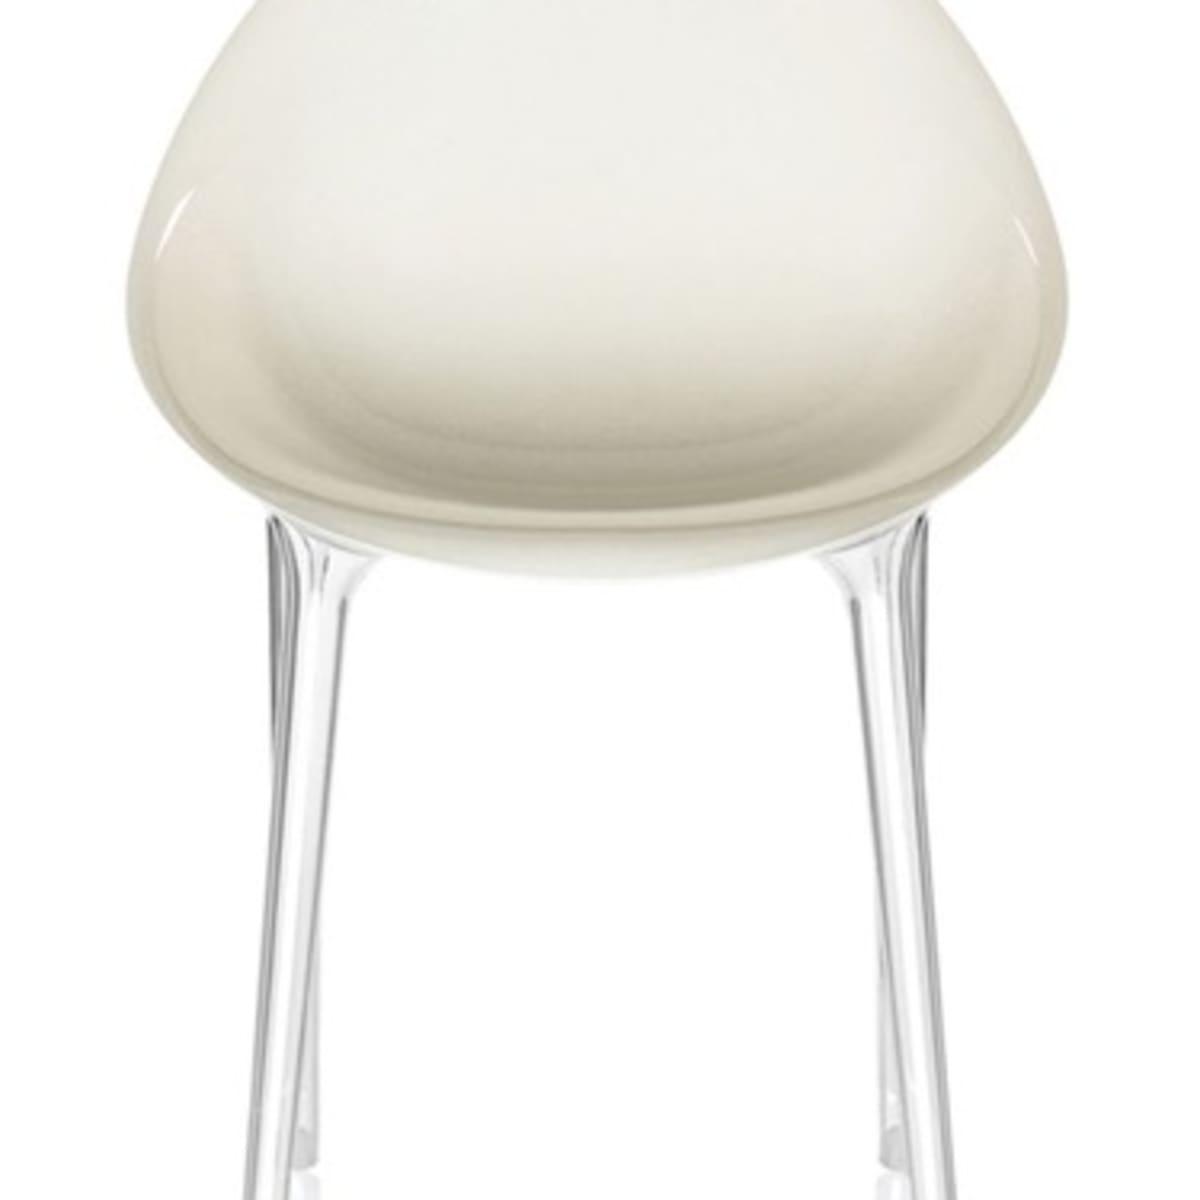 Six Kartell chair